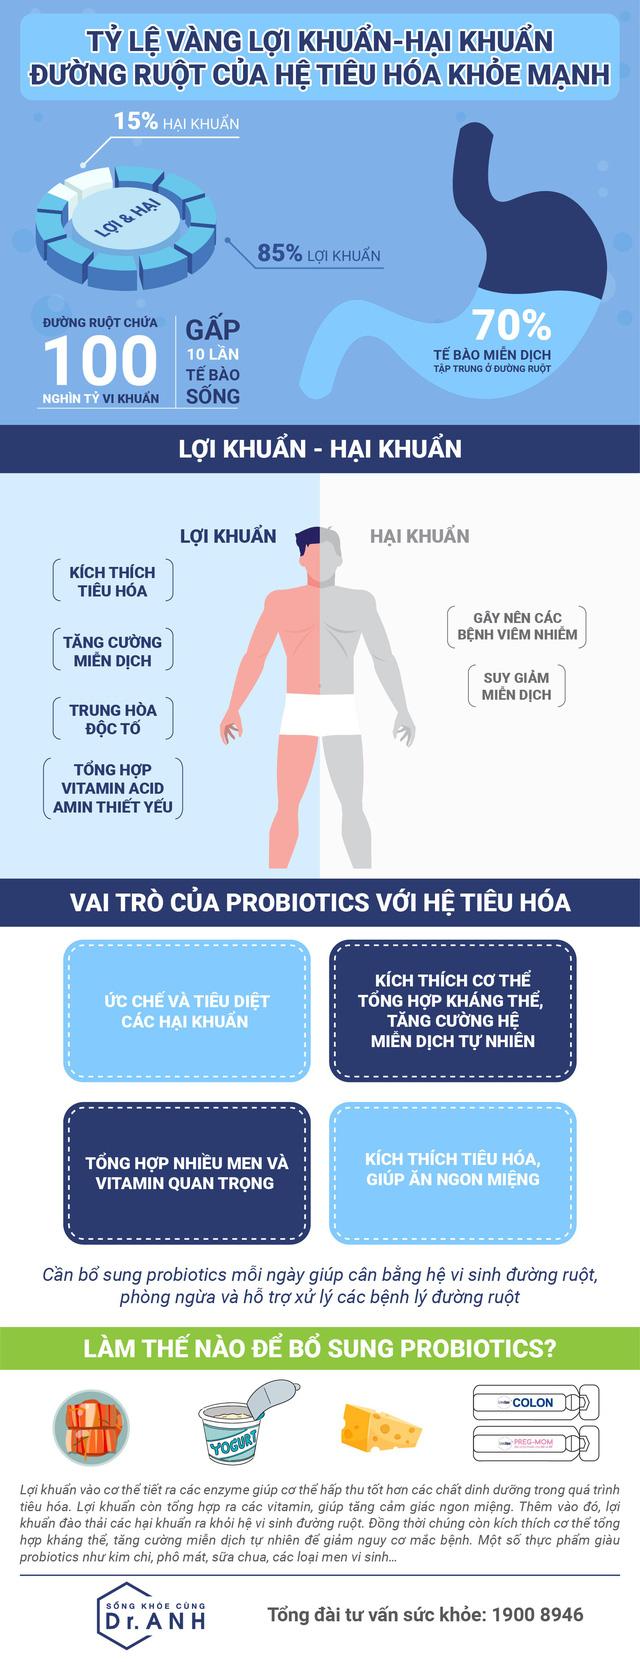 Tỷ lệ vàng của lợi khuẩn và hại khuẩn trong đường ruột con người - Ảnh 1.